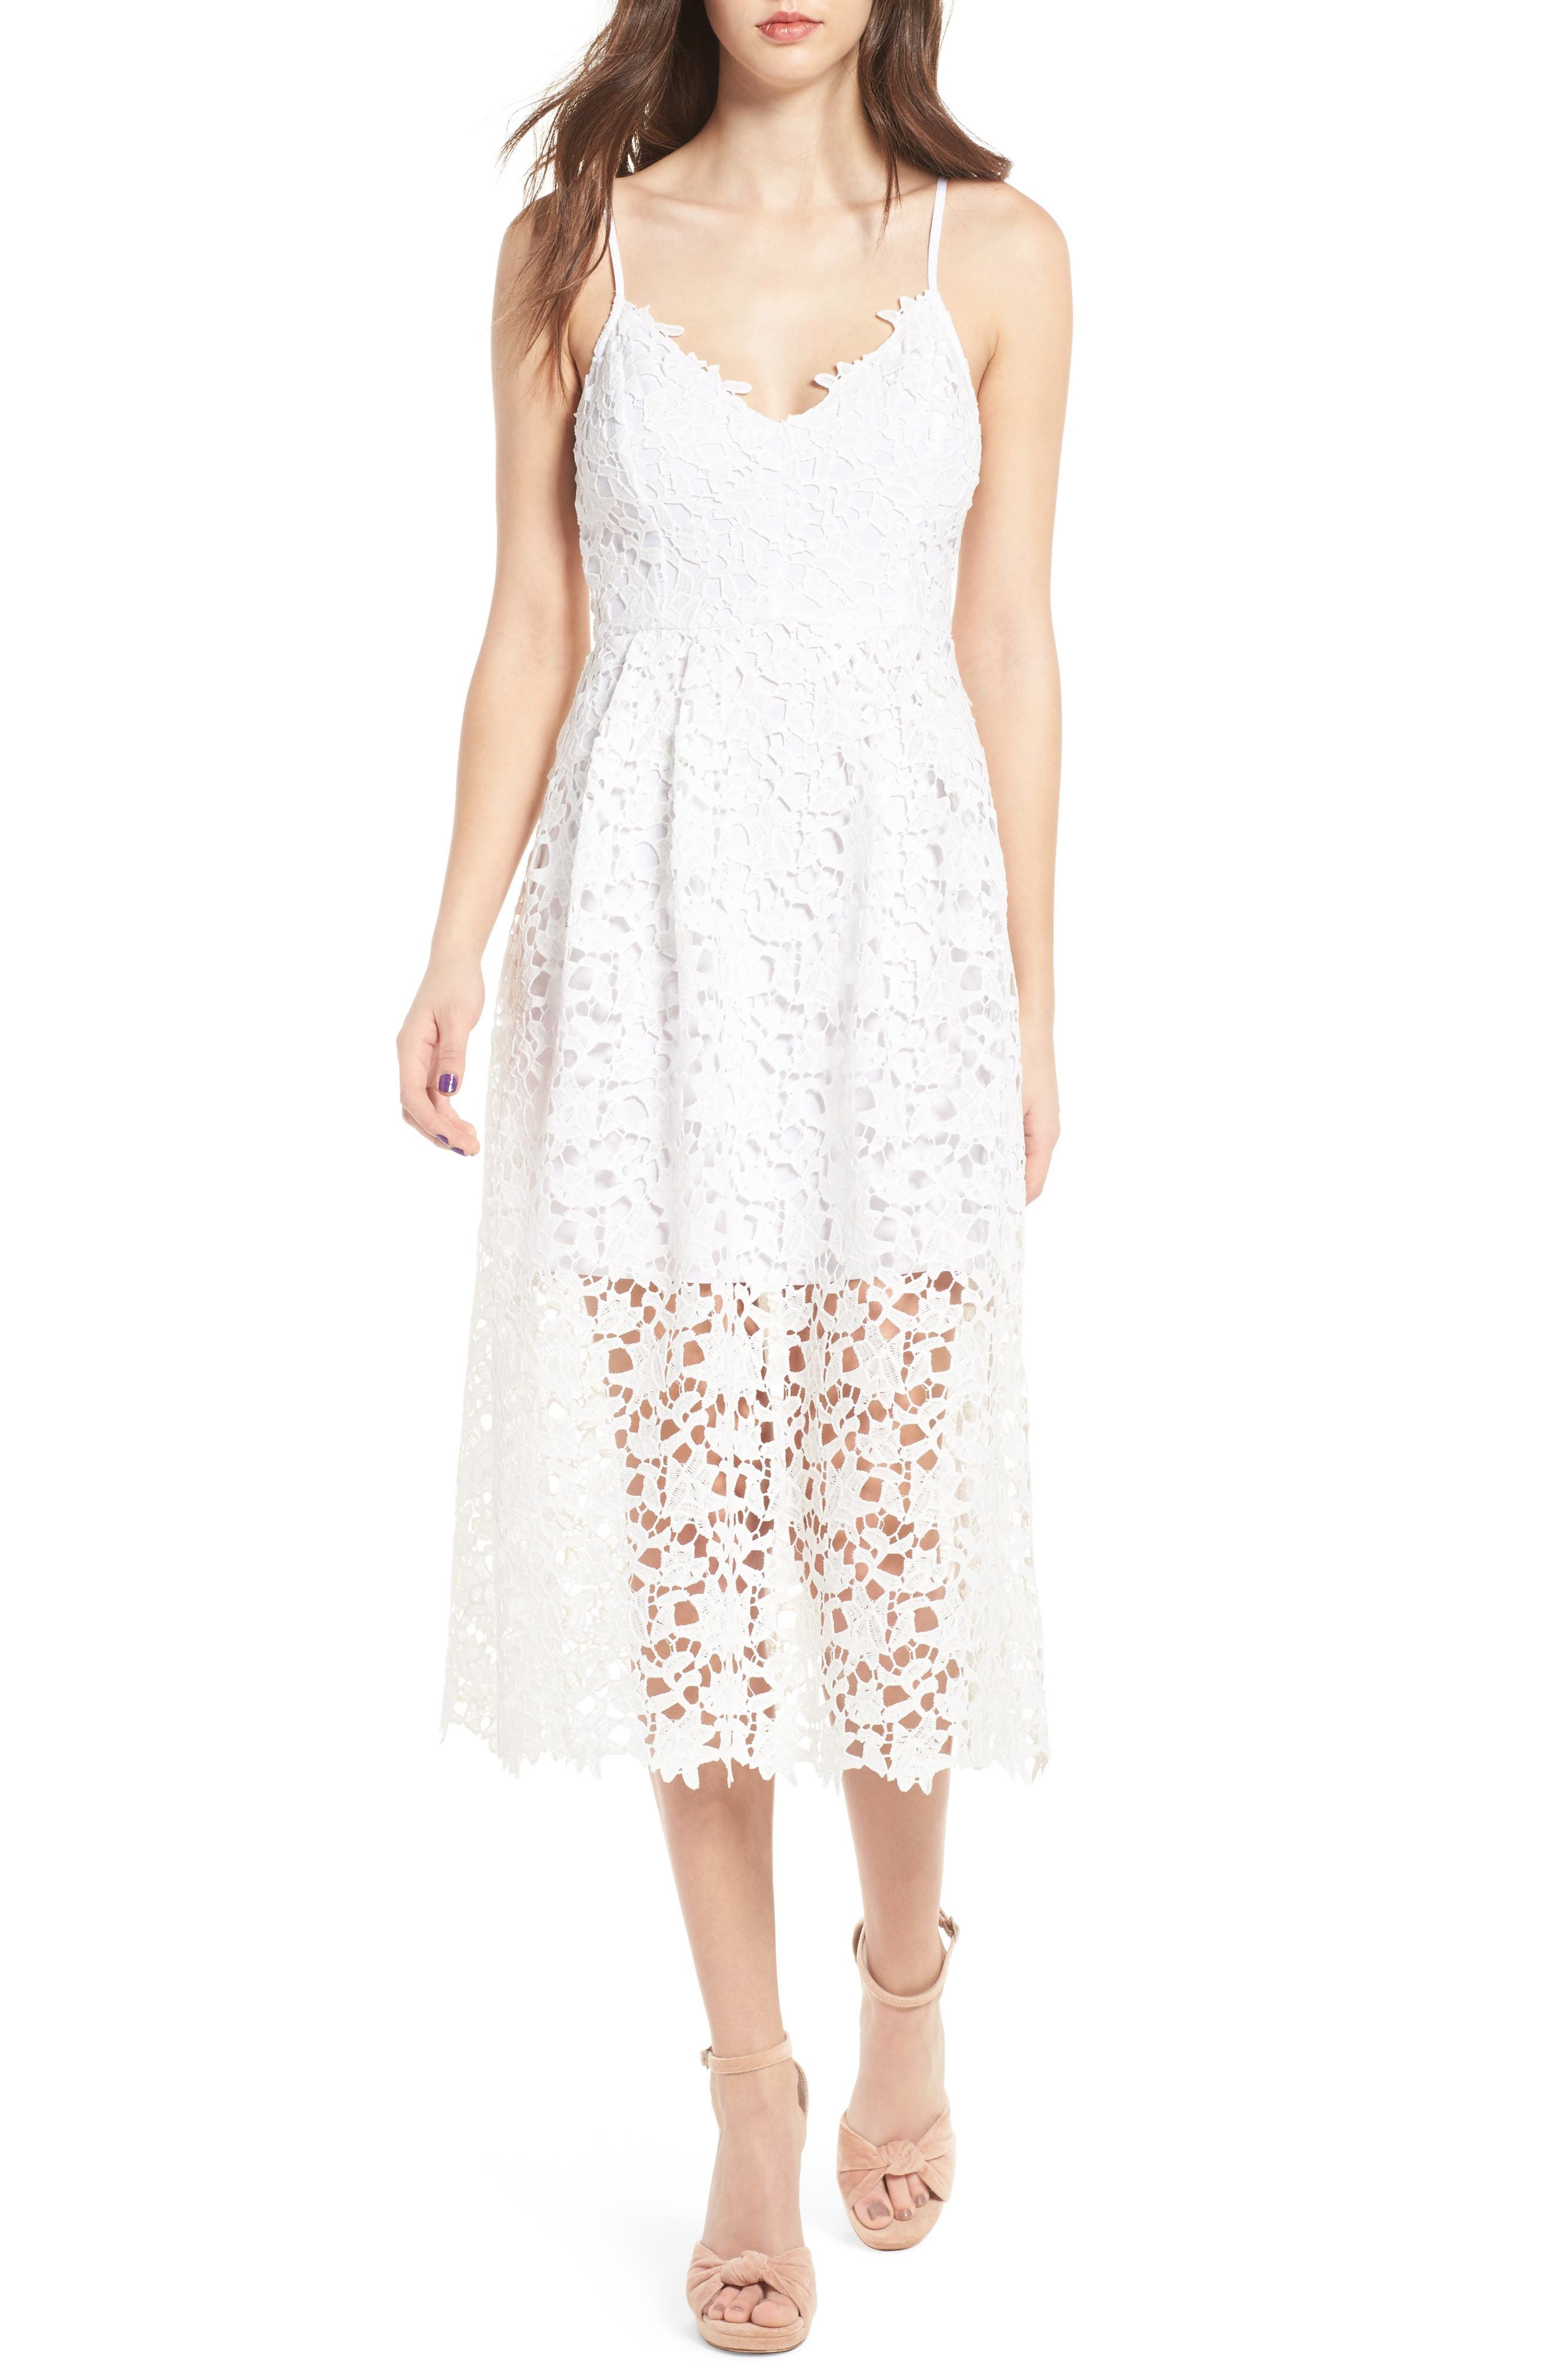 Designer White Dresses for Juniors